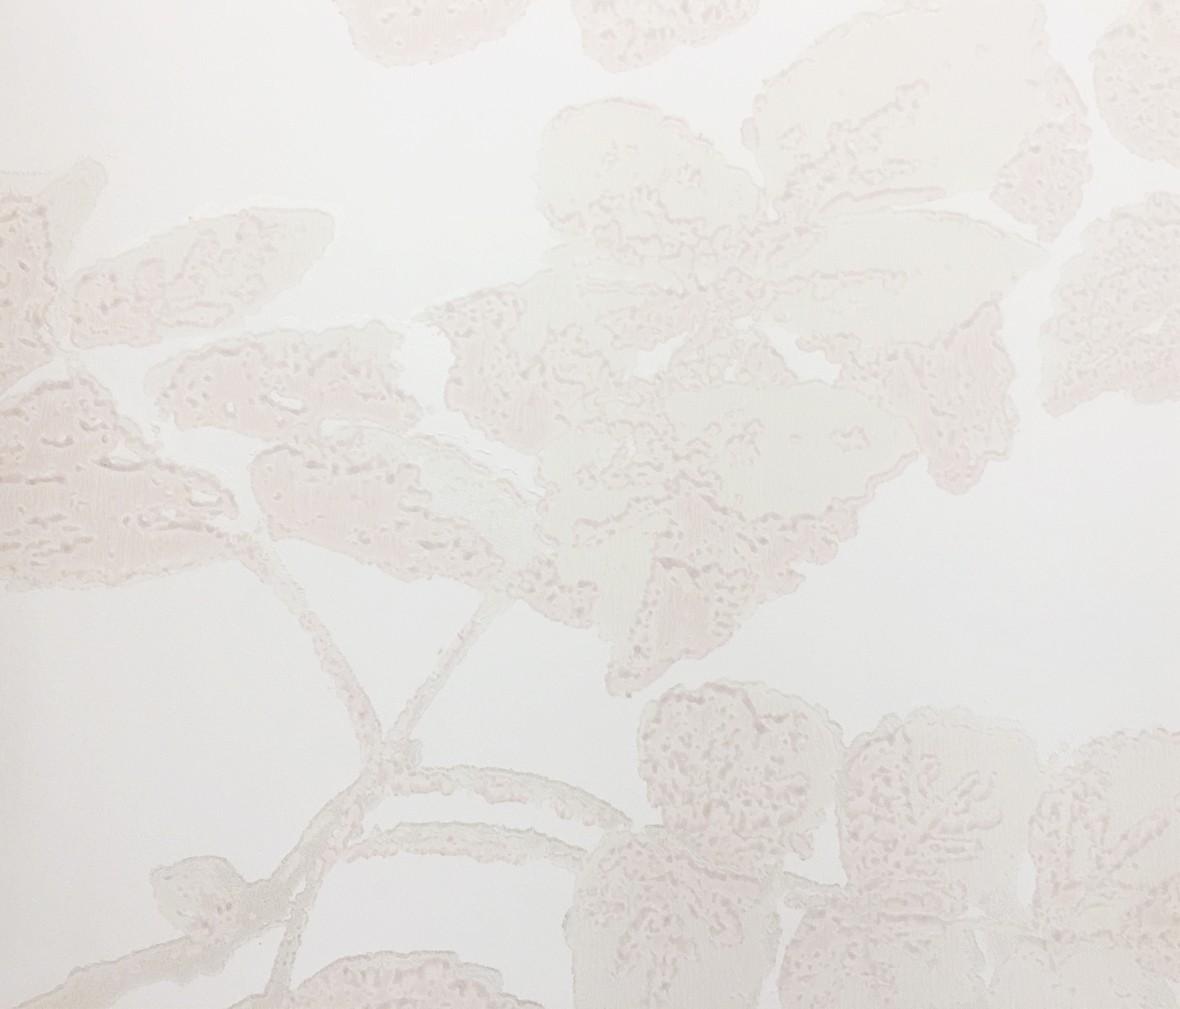 精厚壁纸 粉红世家系列nkp235803型号壁纸 环保纯纸